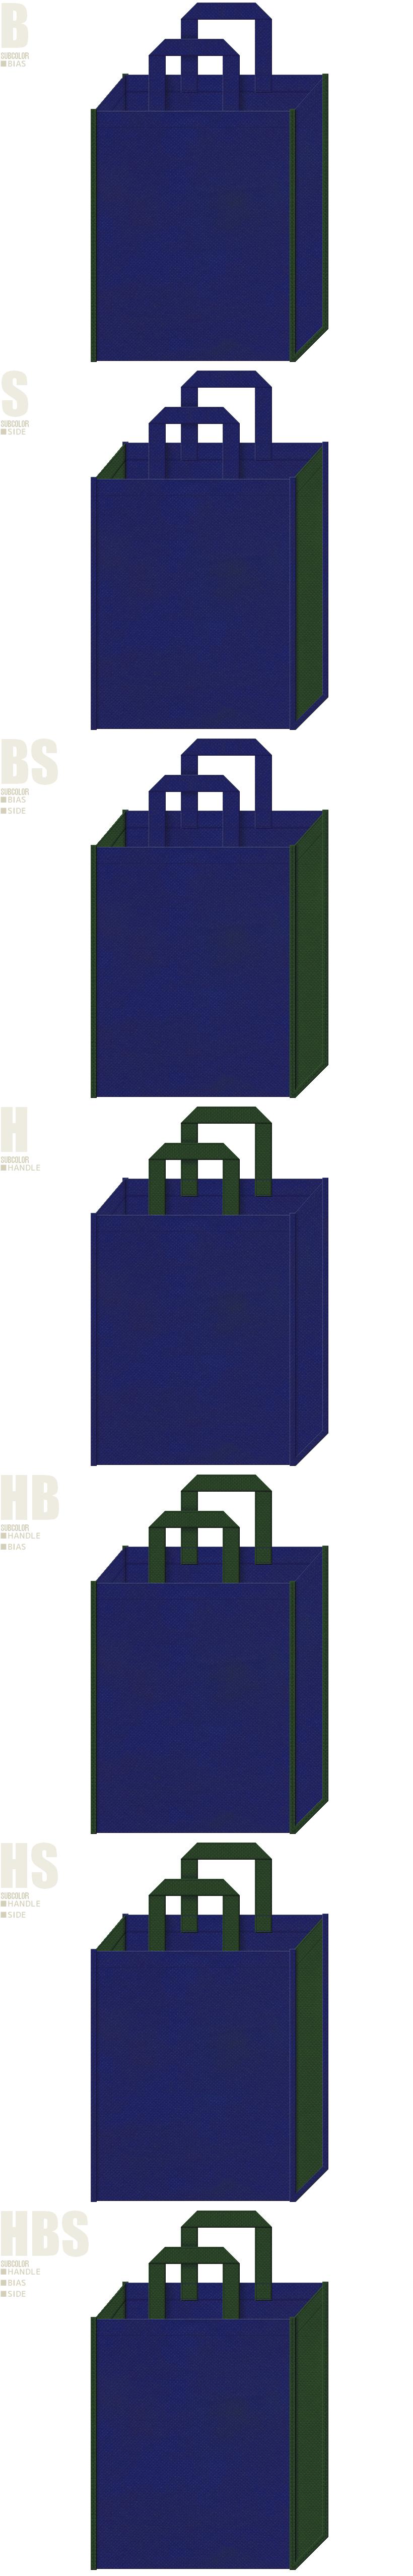 明るい紺色と濃緑色の不織布バッグデザイン:配色7パターン